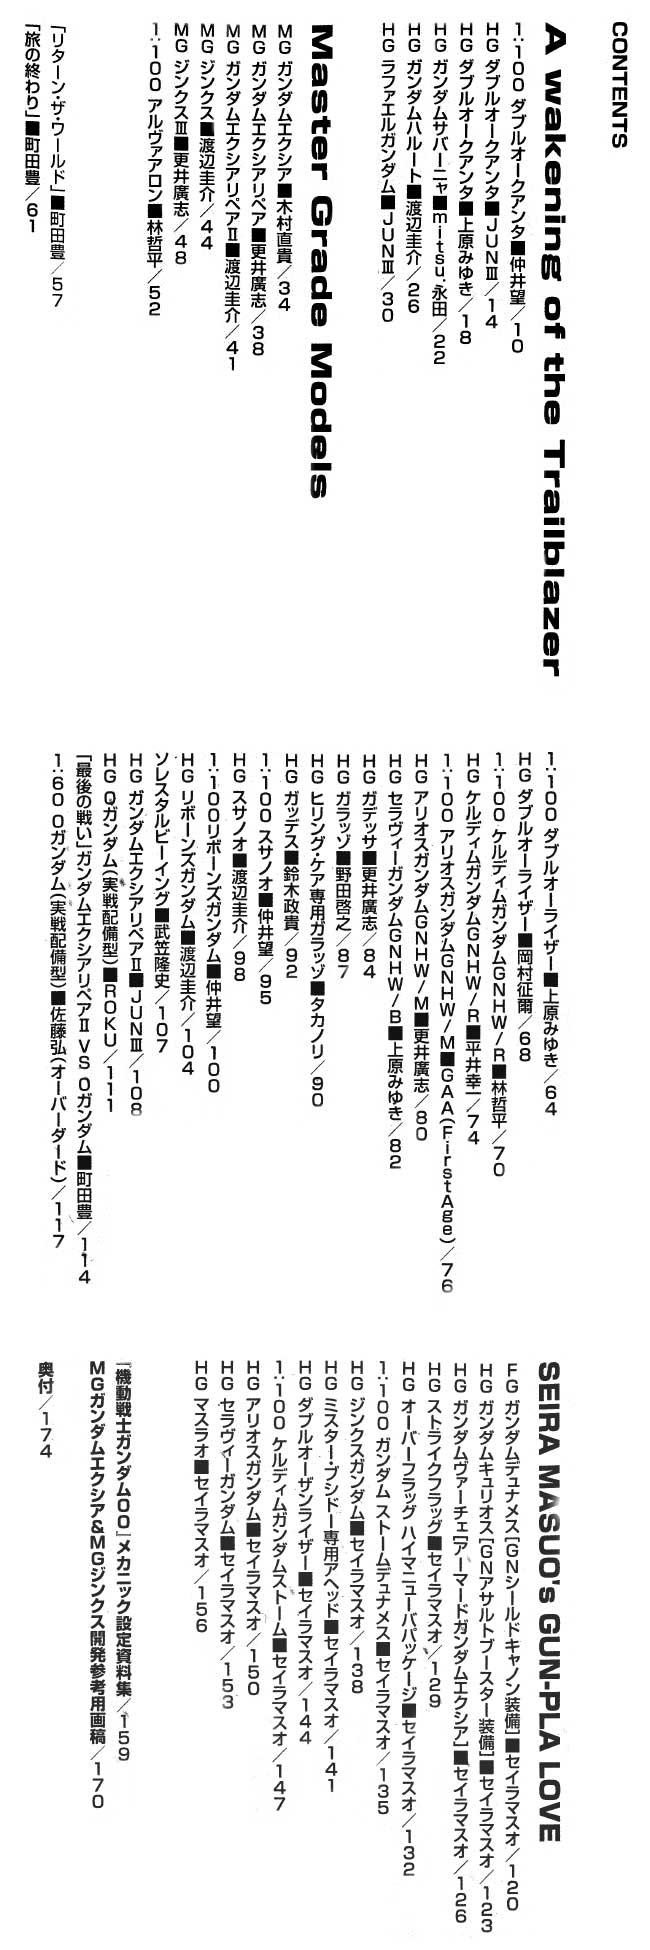 機動戦士ガンダム 00編 3 リターン・ザ・ワールド本(ホビージャパンGUNDAM WEAPONS (ガンダムウェポンズ)No.68144-60)商品画像_1